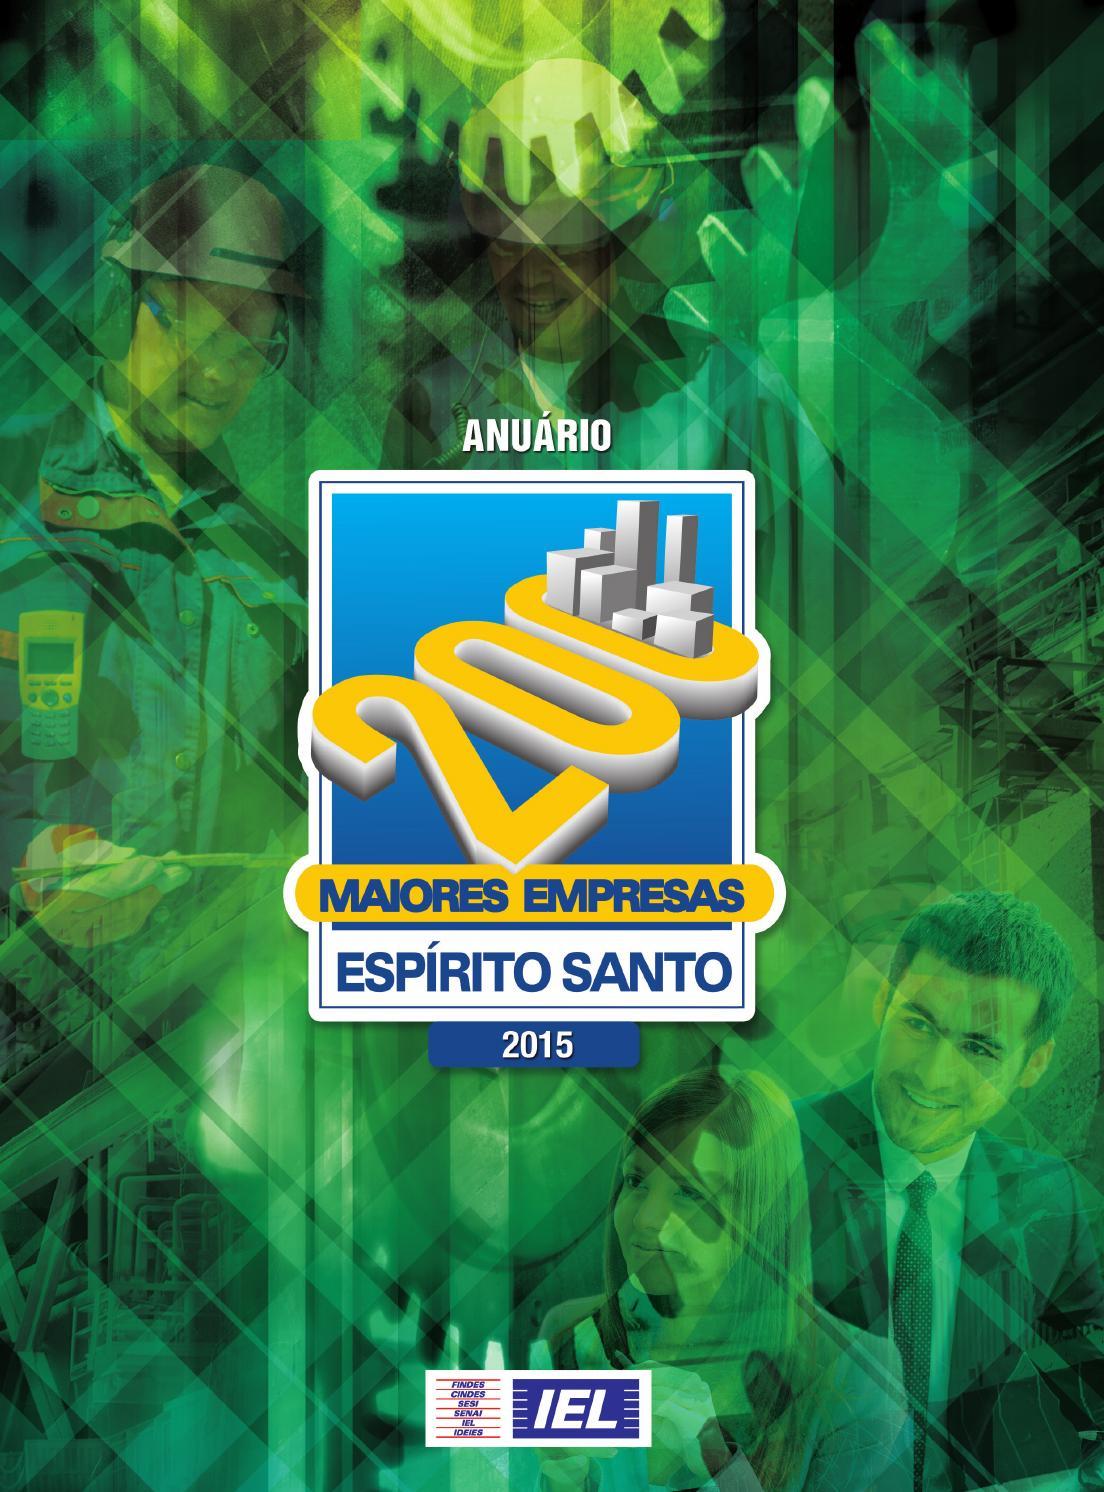 Anuário IEL 200 Maiores Empresas no Espírito Santo 2015 by Next Editorial -  issuu c5f52c78ba1e6